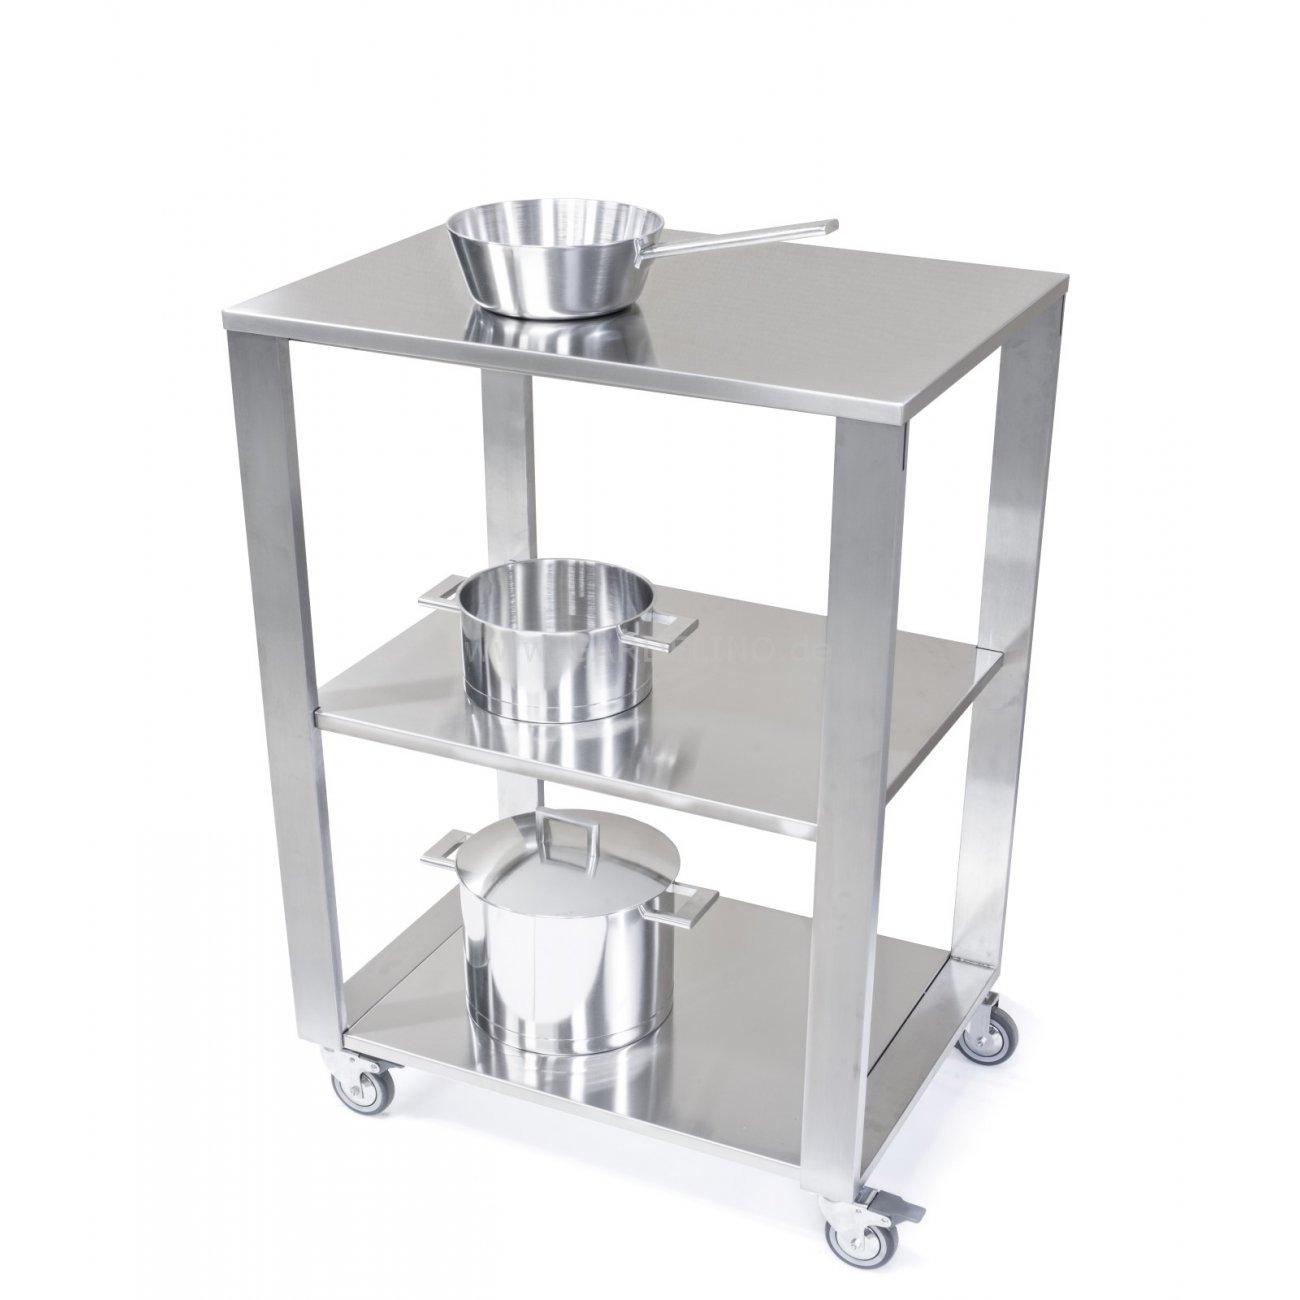 Küchenwagen Ikea | ambiznes.com